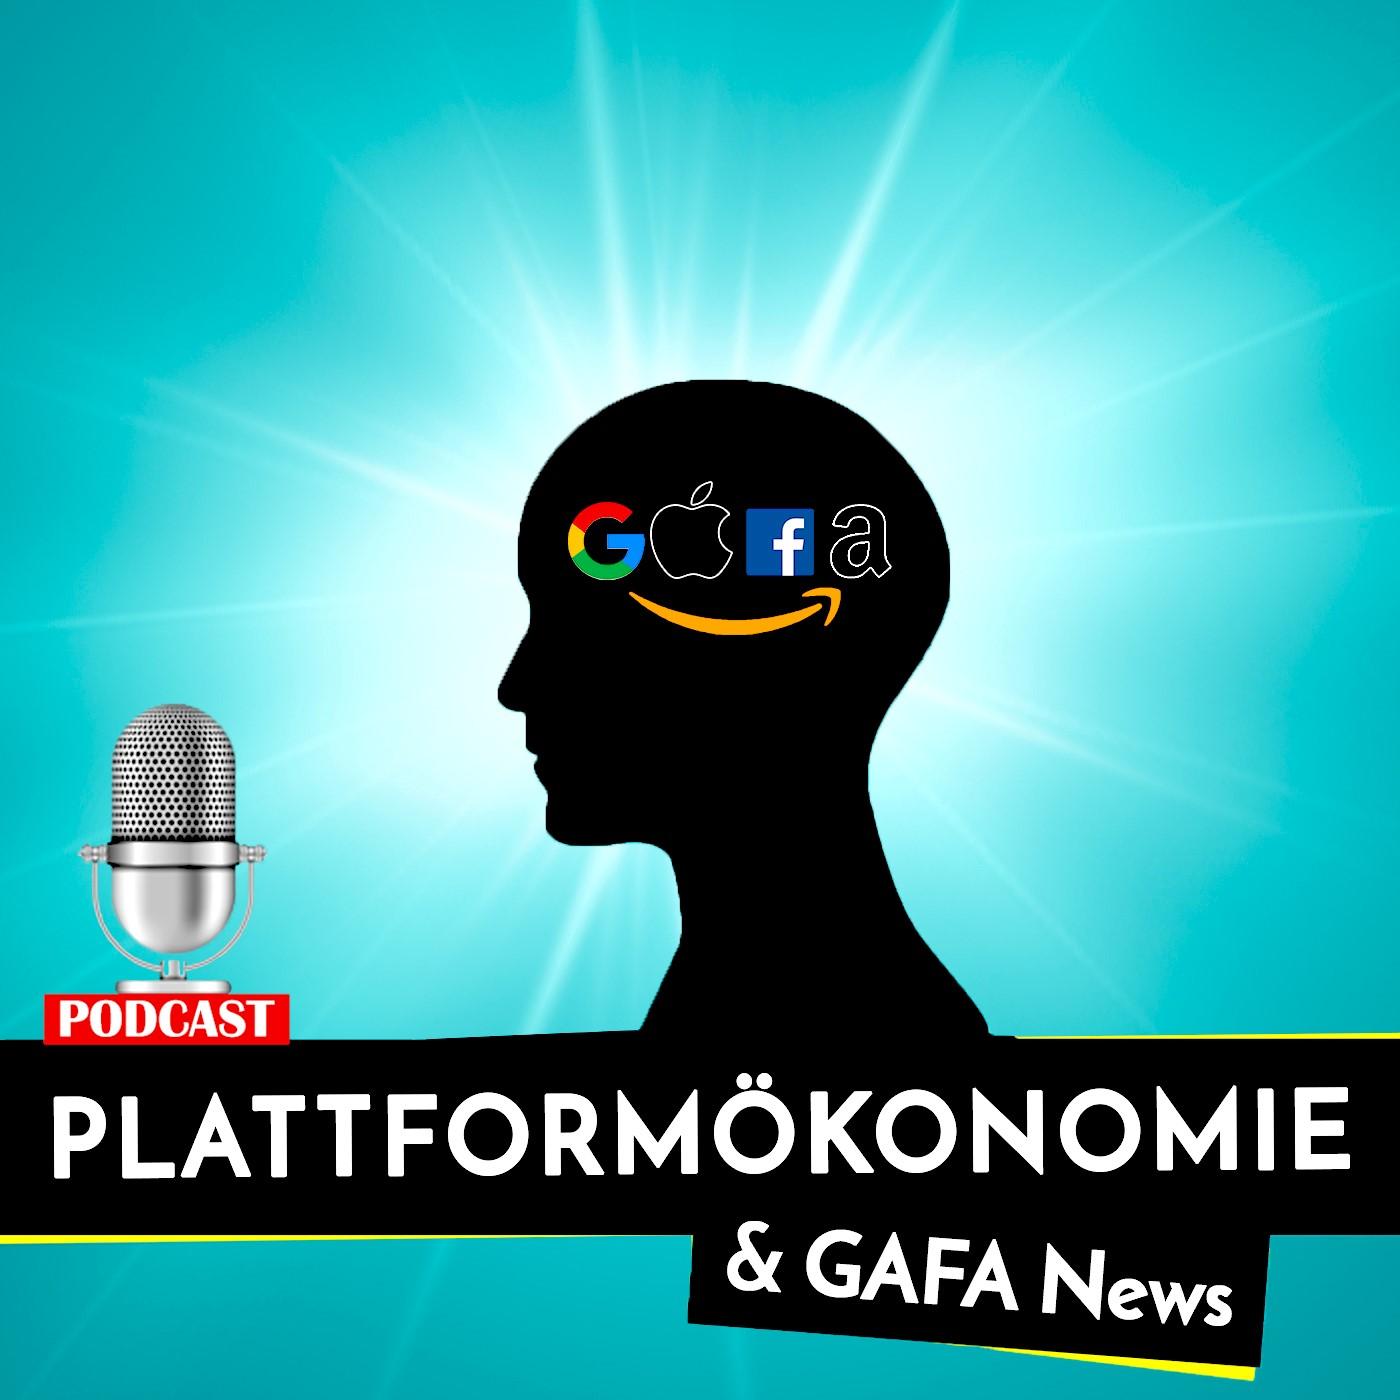 Wirtschafts-News   Digital-News: Heute Facebook, Walmart, Alibaba, Lidl, Bill Gates, Onlinewerbemarkt, Tik Tok,